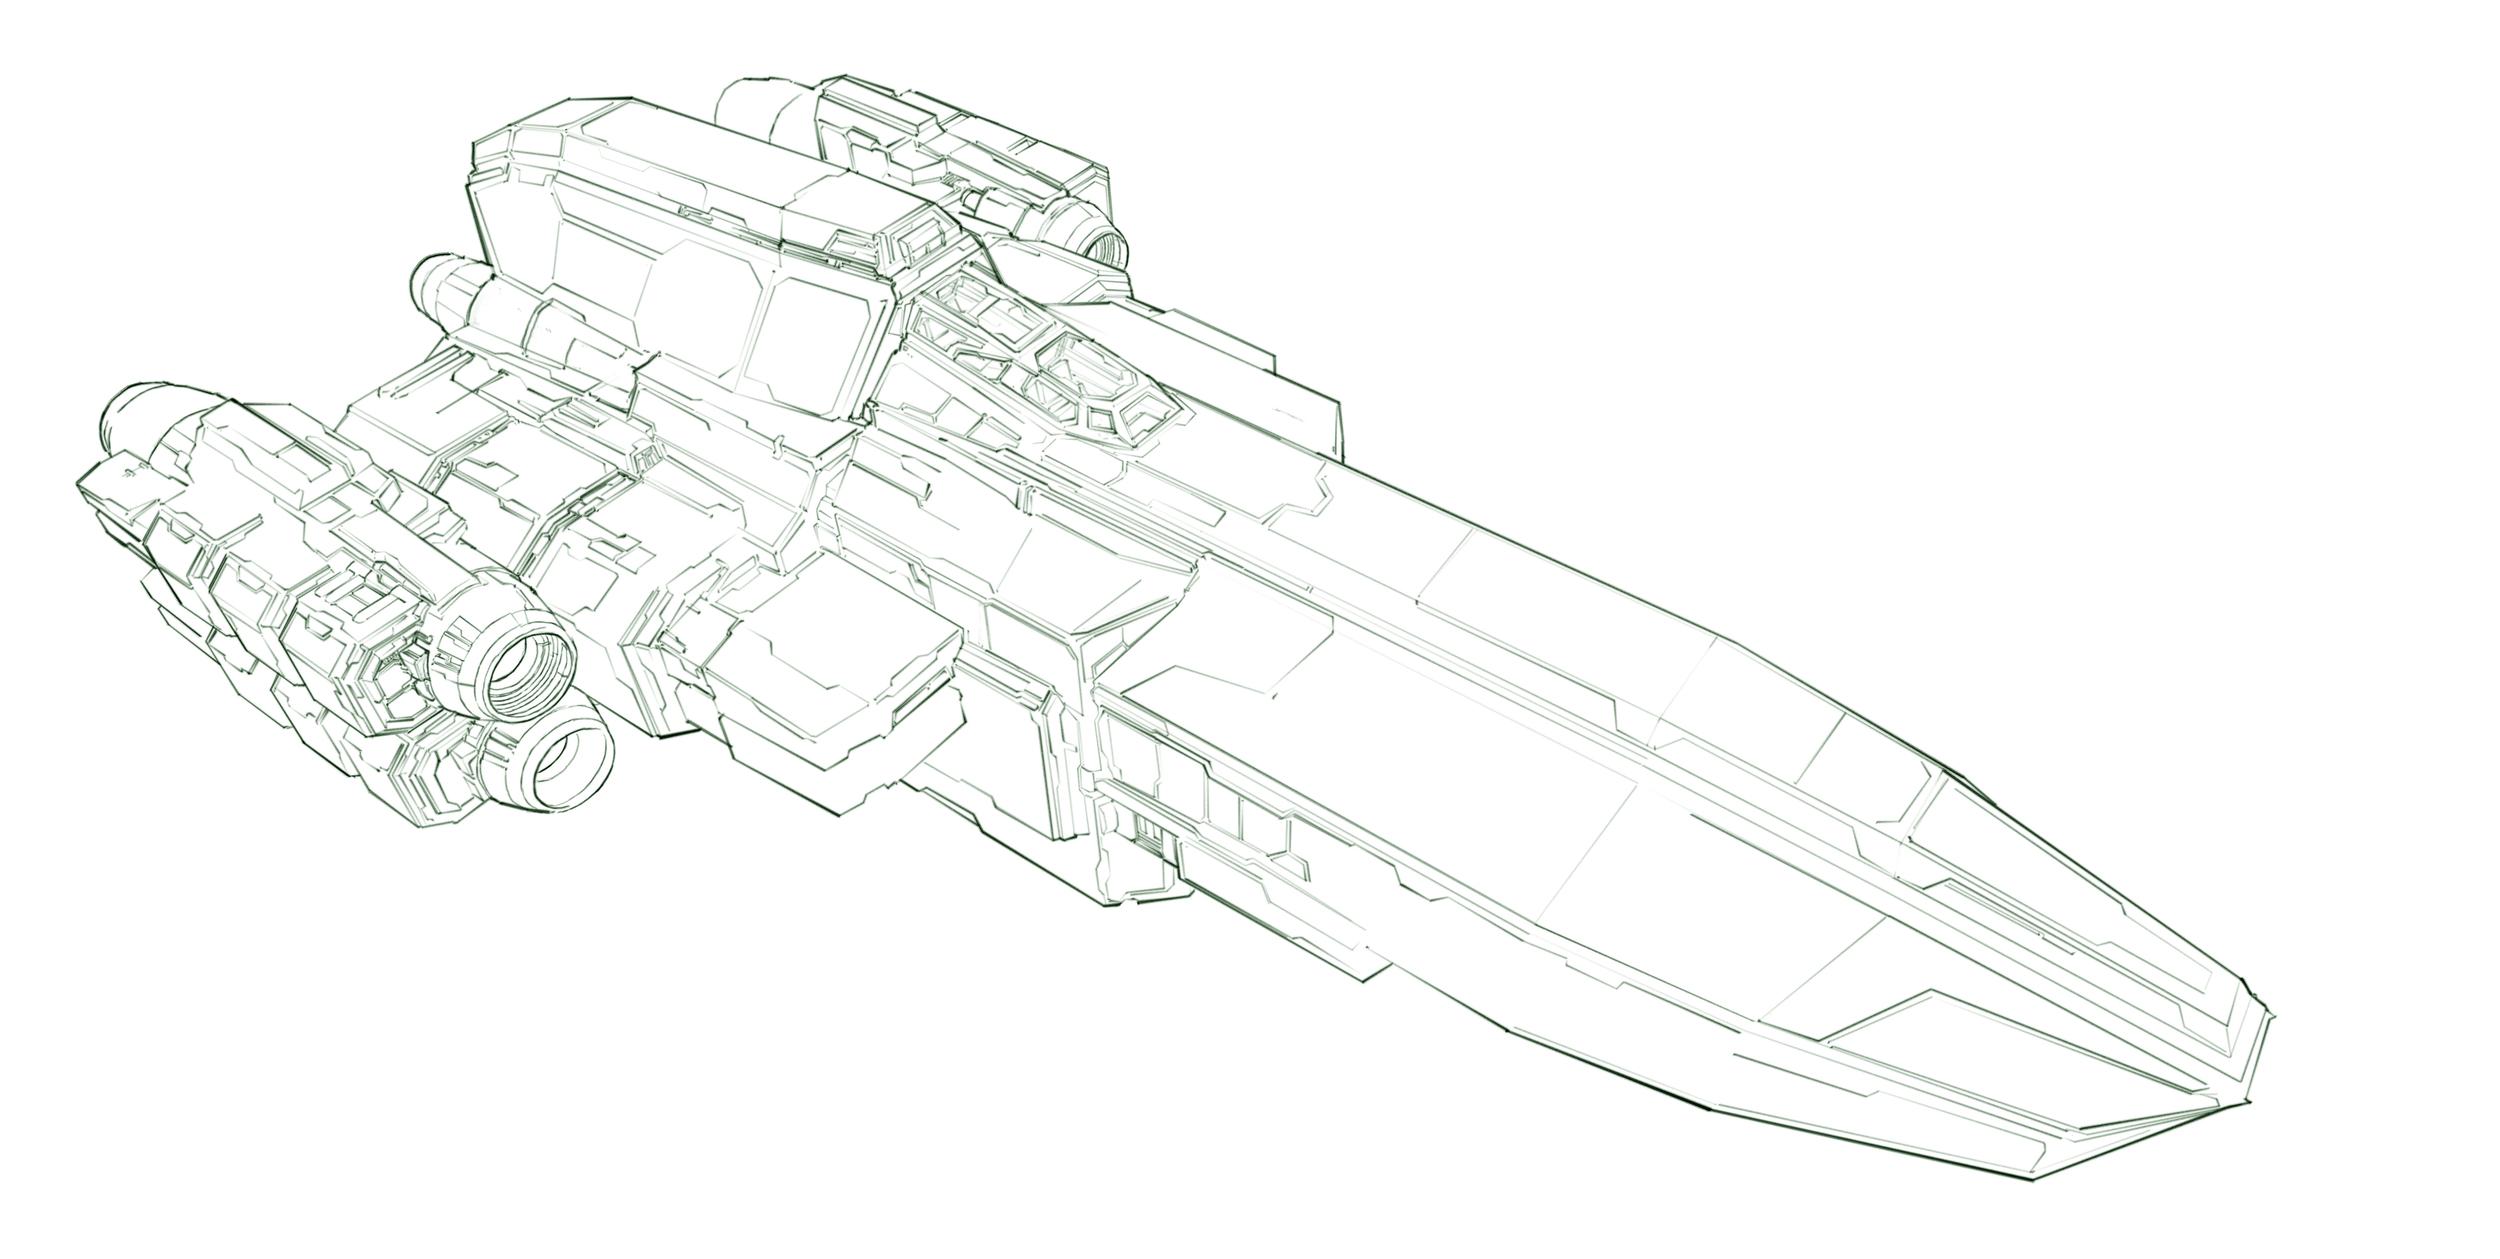 spaceship_lines_1.jpg